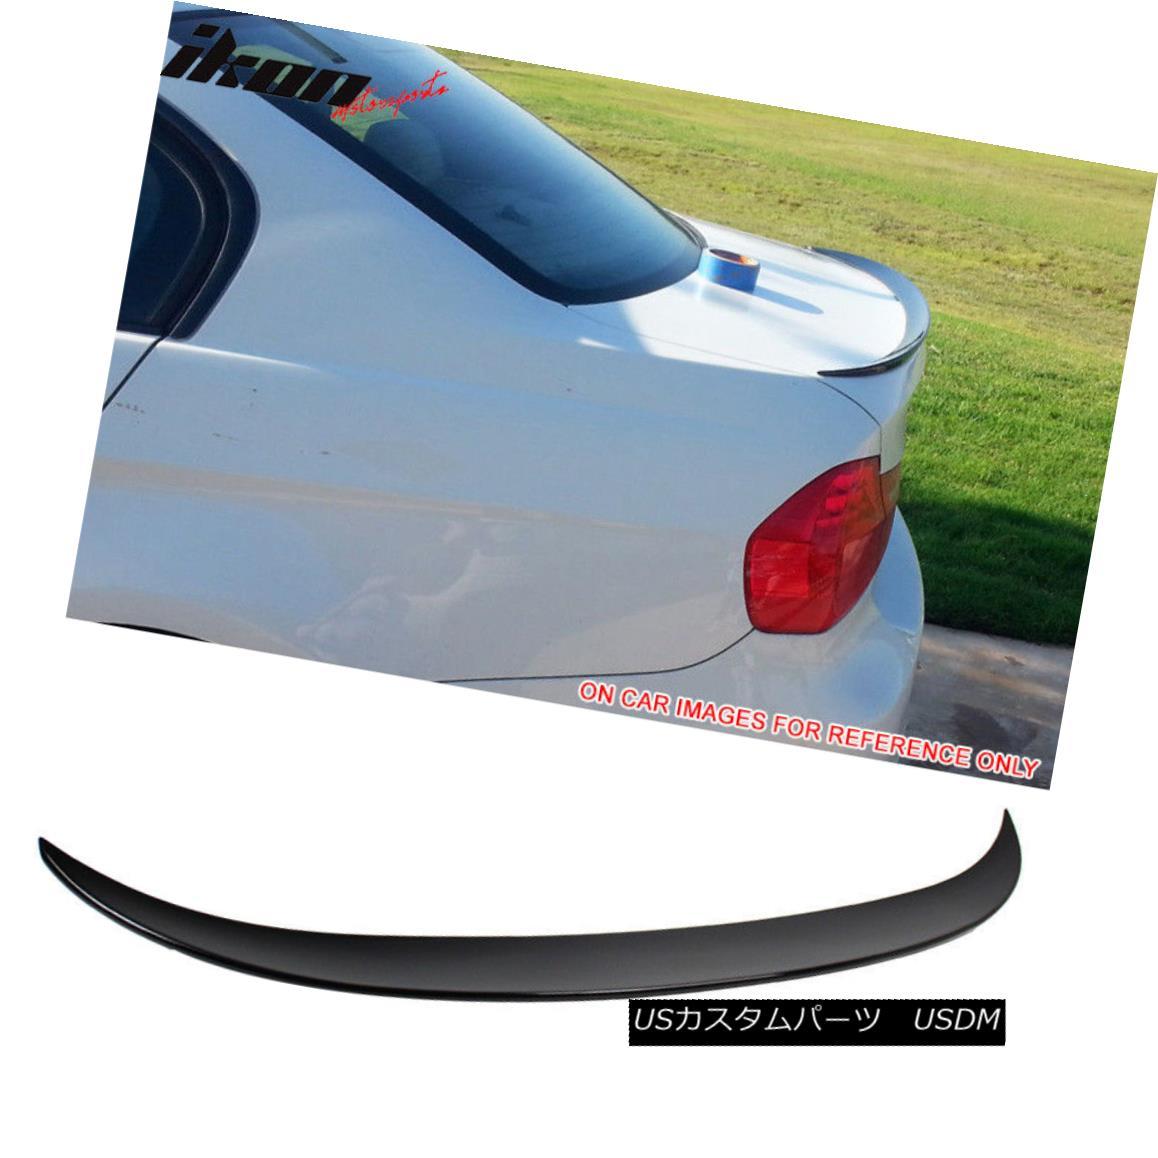 エアロパーツ Fits 06-11 3 Series E90 Sedan Performance2 Trunk Spoiler Painted Jet Black #668 フィット06-11 3シリーズE90セダンパフォーマンス2トランクスポイラーペイントジェットブラック#668